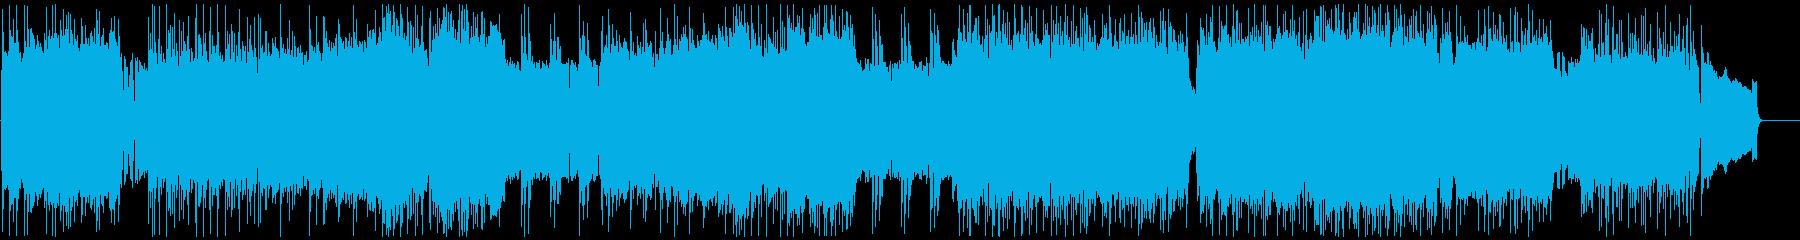 戦闘シーン向けのメタルの再生済みの波形